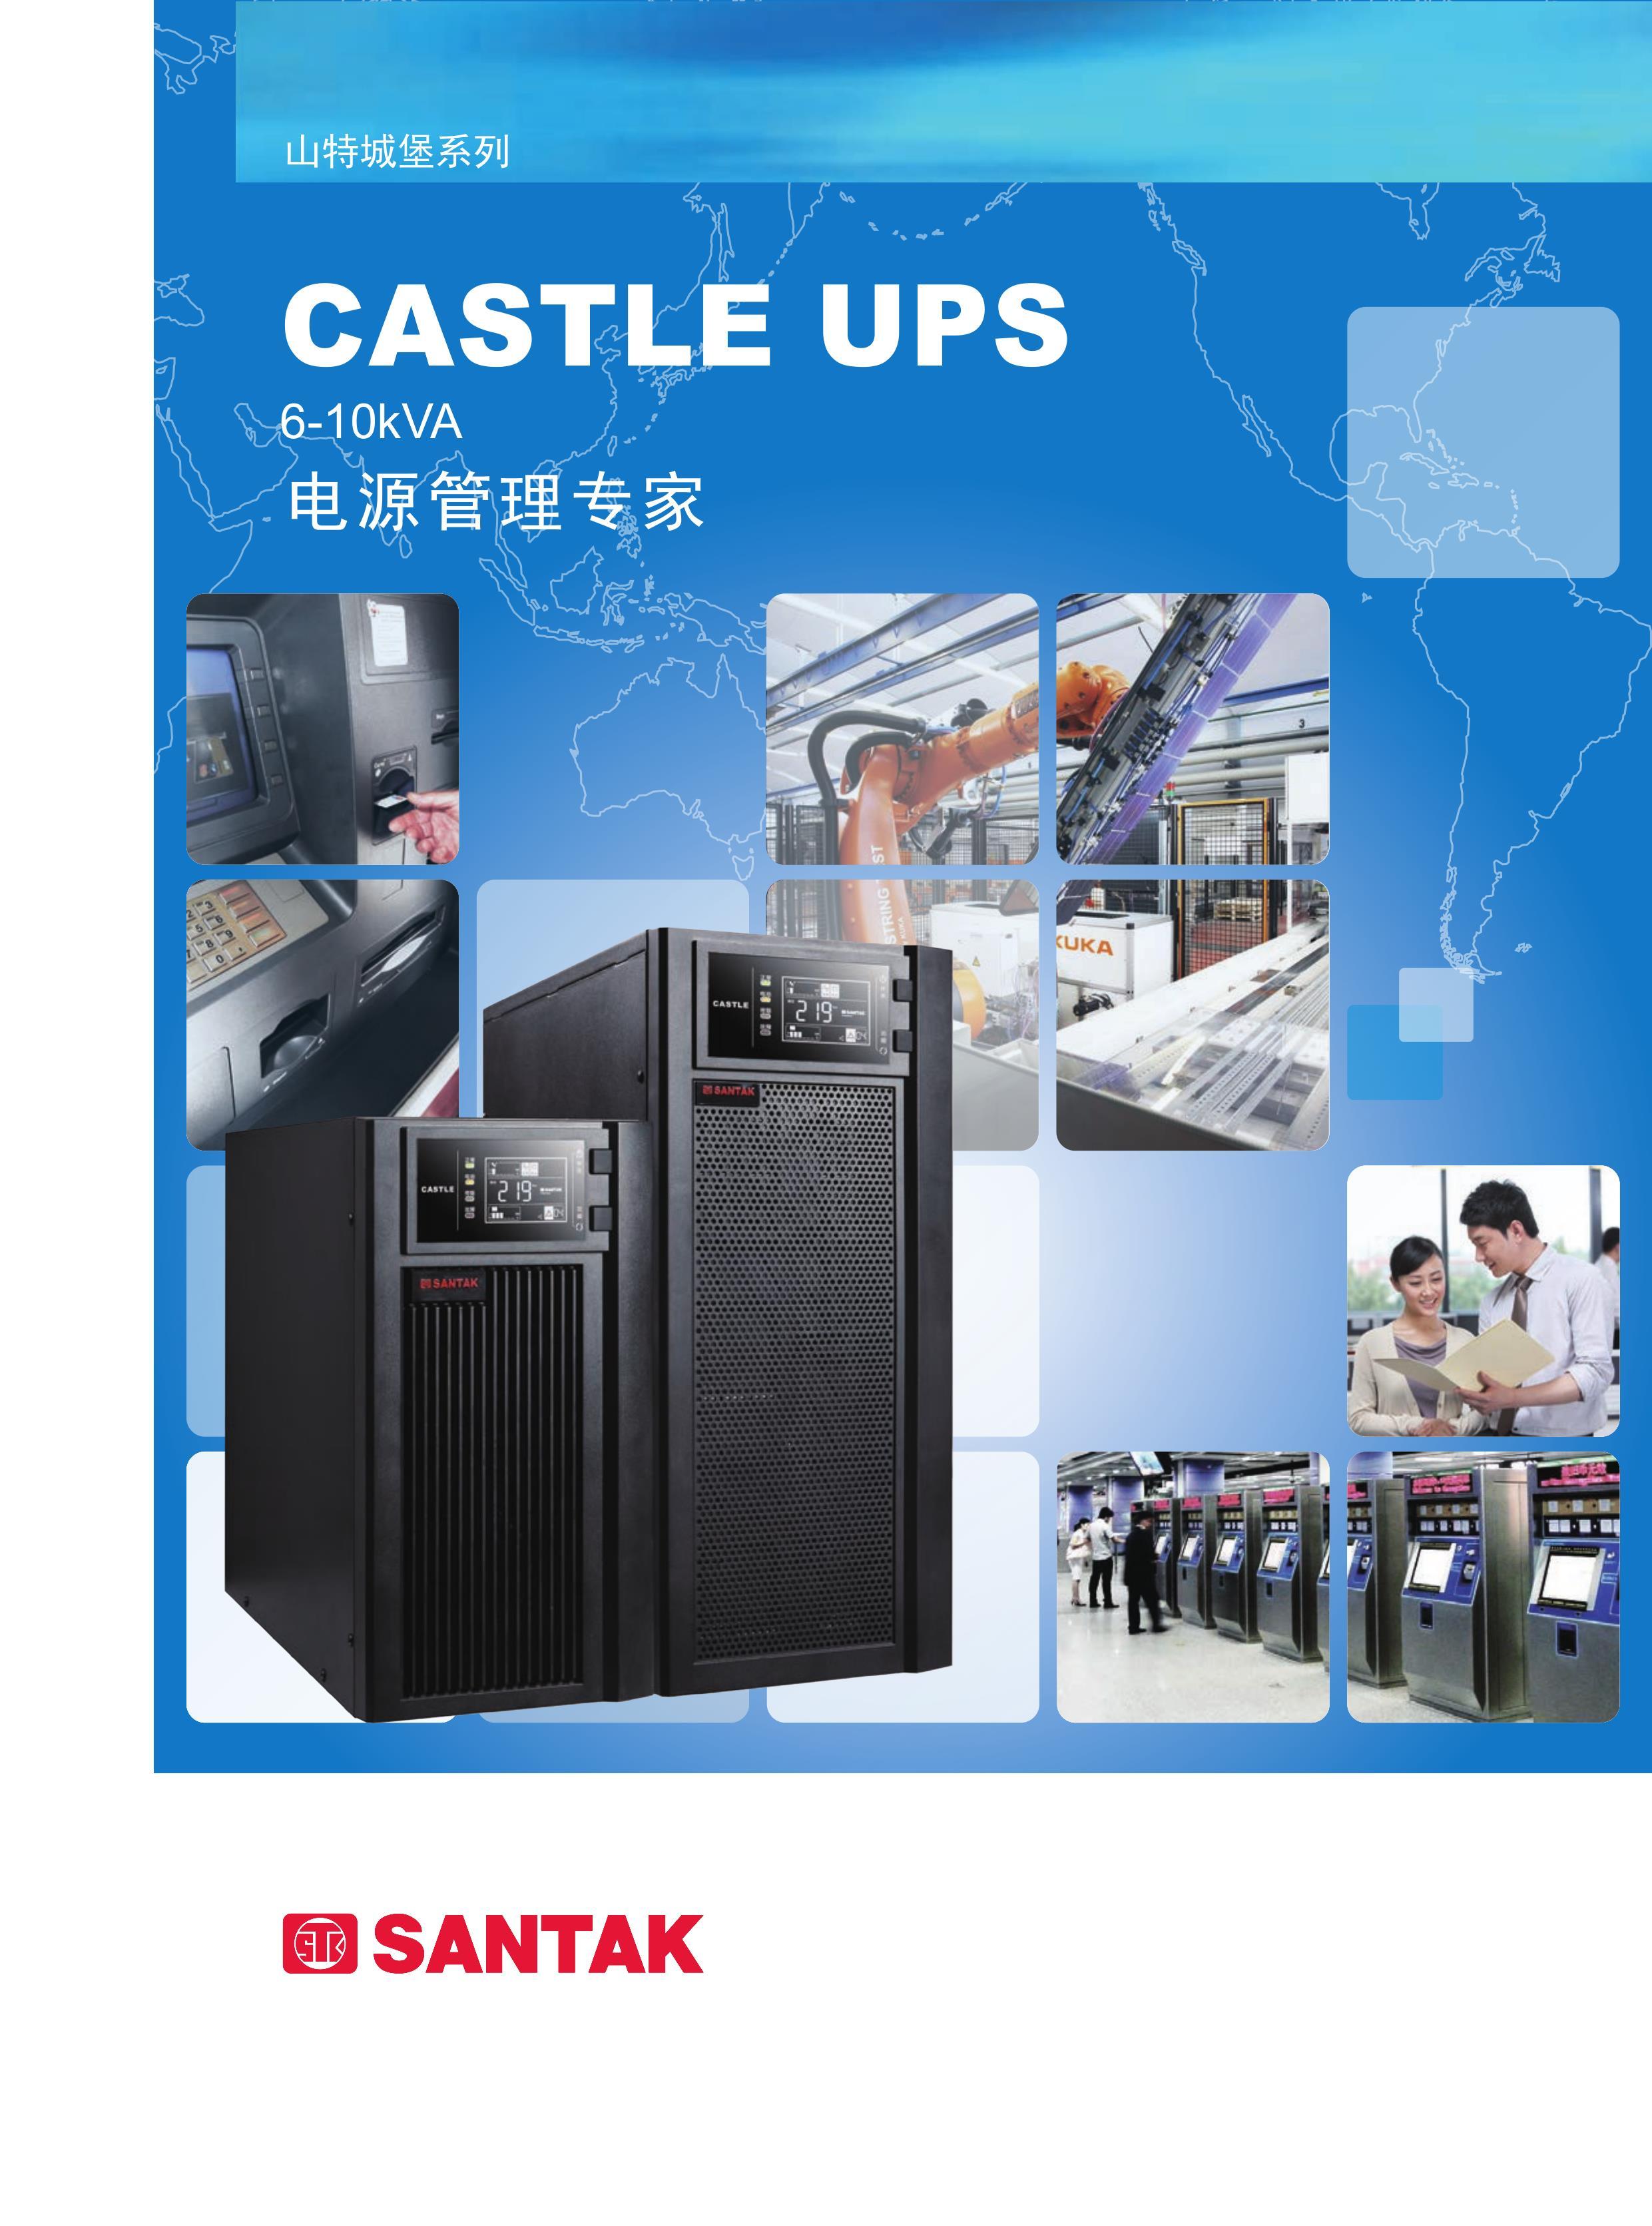 山特C6-10K Rack系列UPS电源